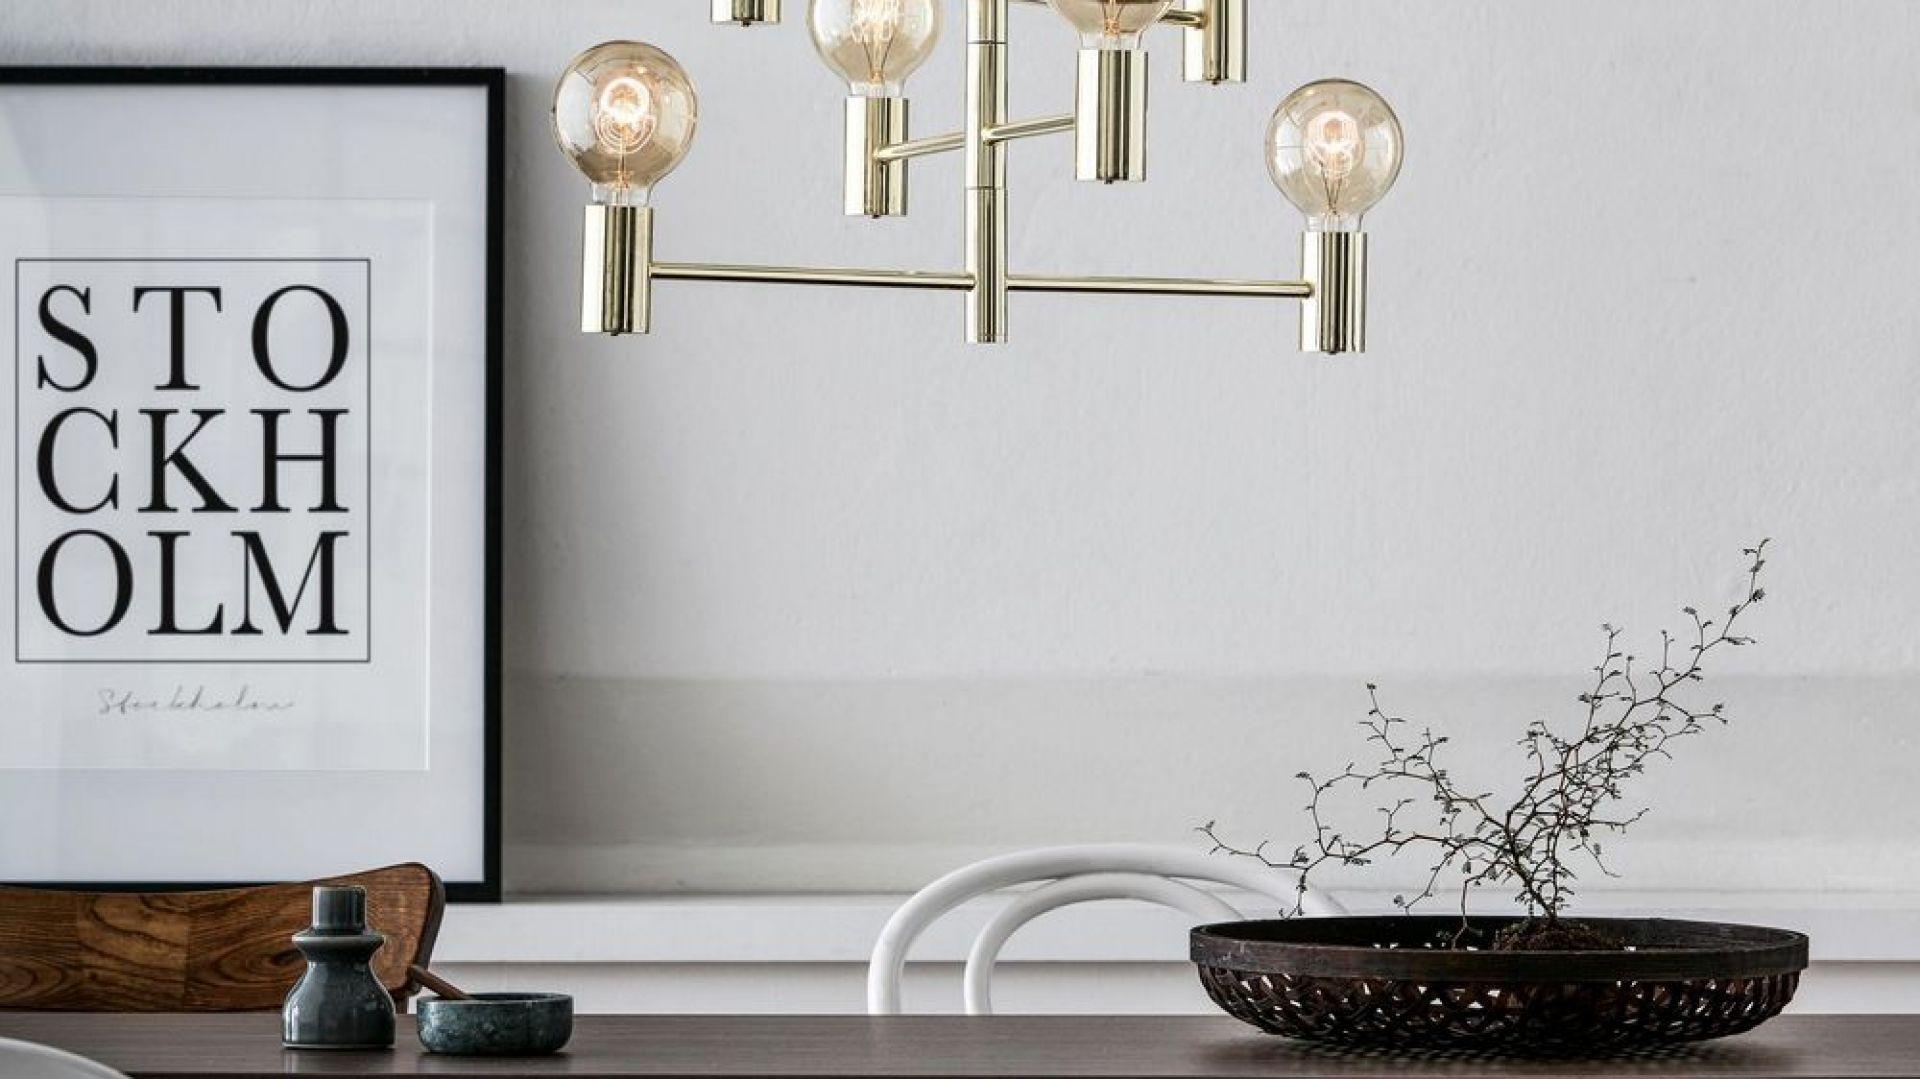 Oświetlenie w stylu skandynawskim, kolekcja: Capital. Fot. Tomix